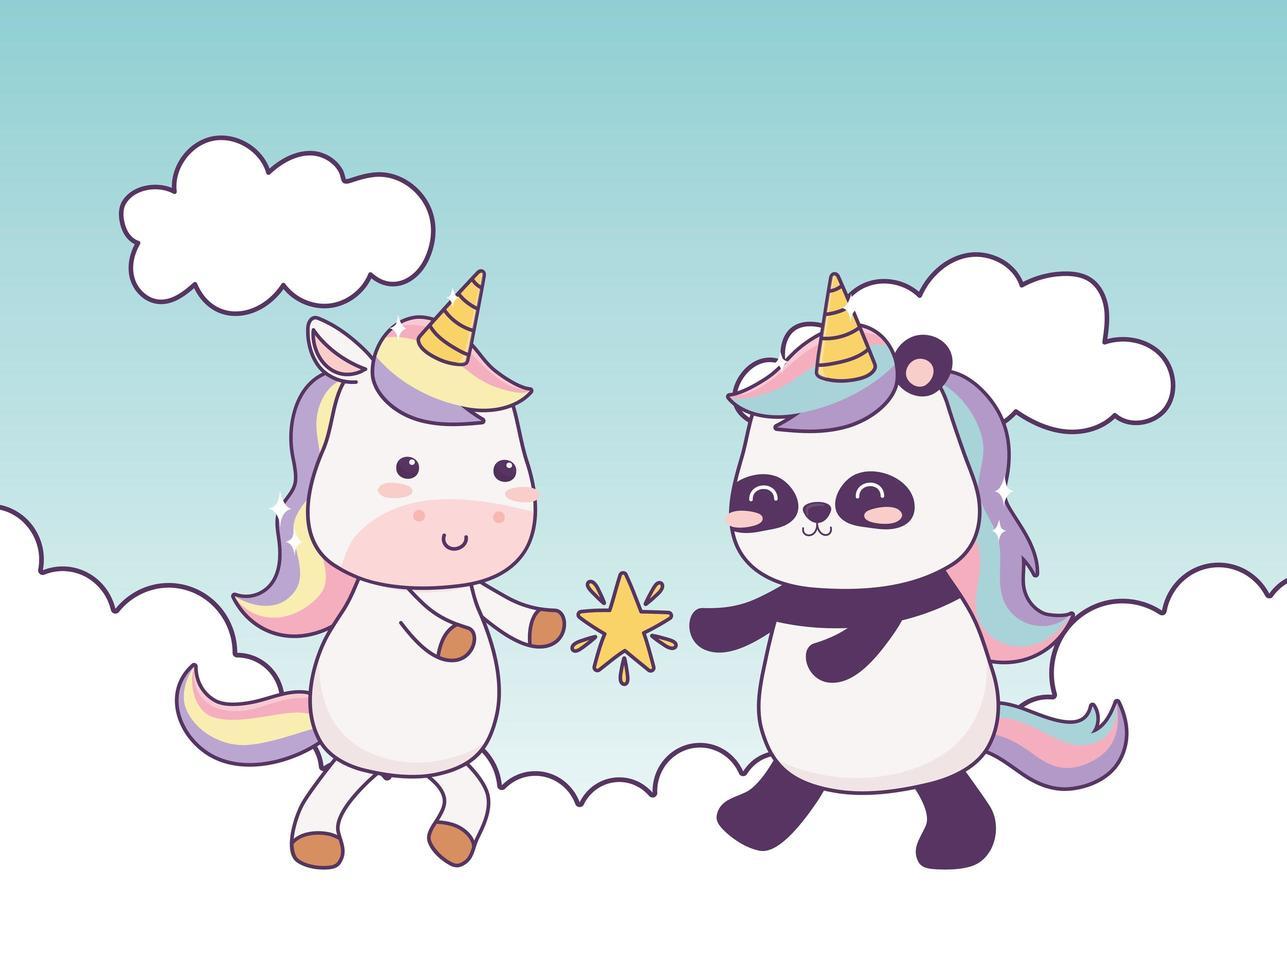 Licorne Kawaii Et Panda Avec Etoile Dans Les Nuages Personnage De Dessin Anime Fantaisie Magique Telecharger Vectoriel Gratuit Clipart Graphique Vecteur Dessins Et Pictogramme Gratuit